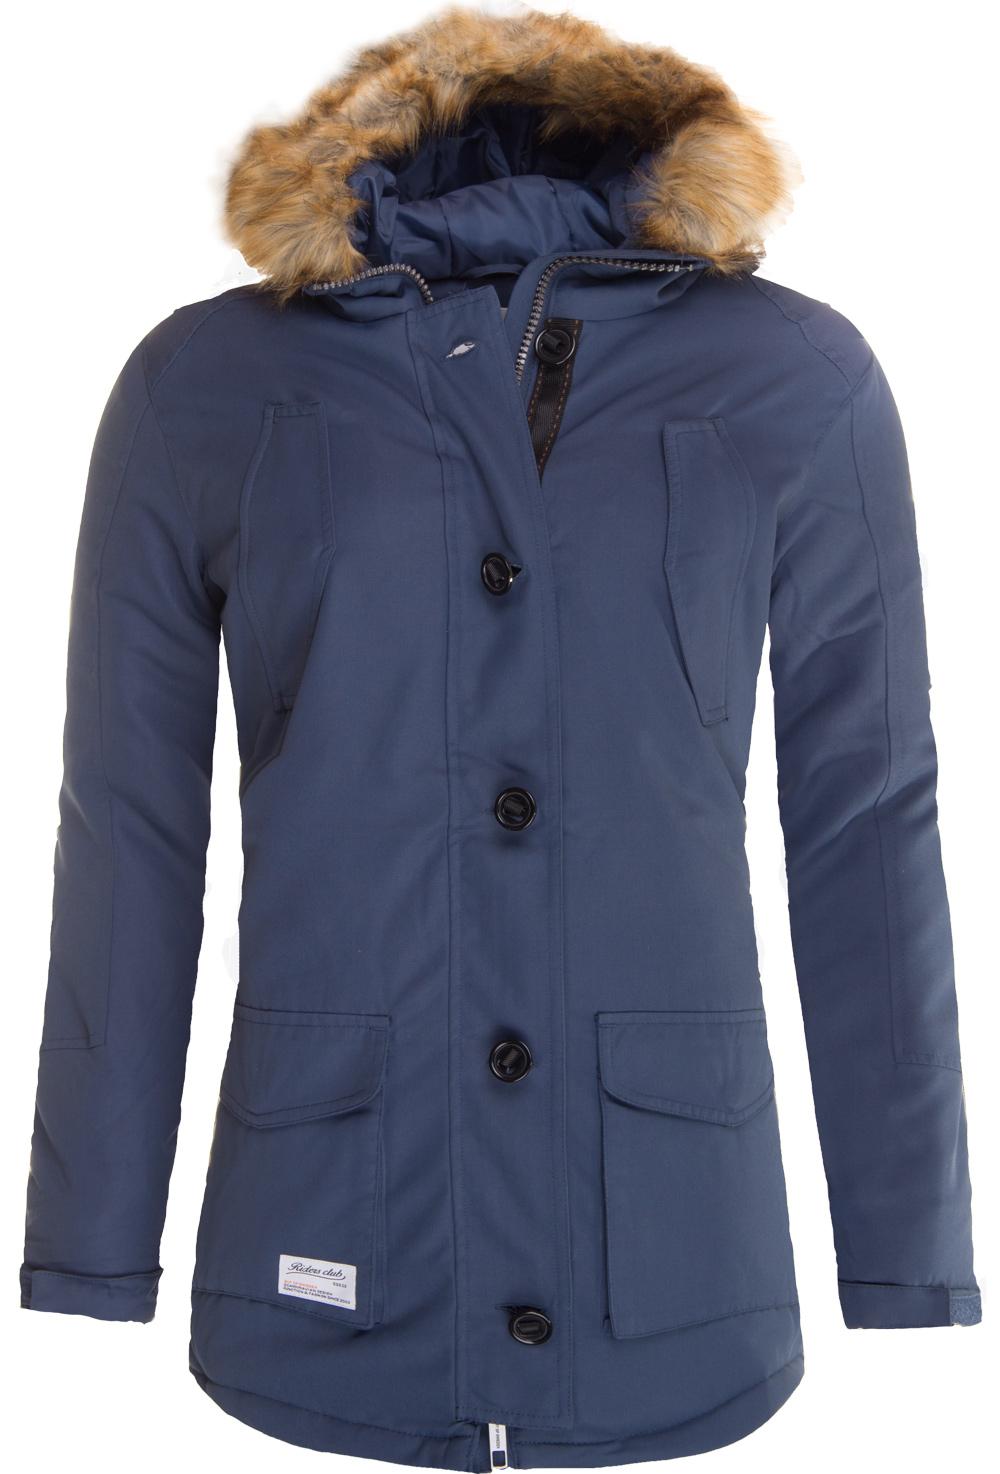 Zimní kabát dámský 2117 SWEDEN NAUM